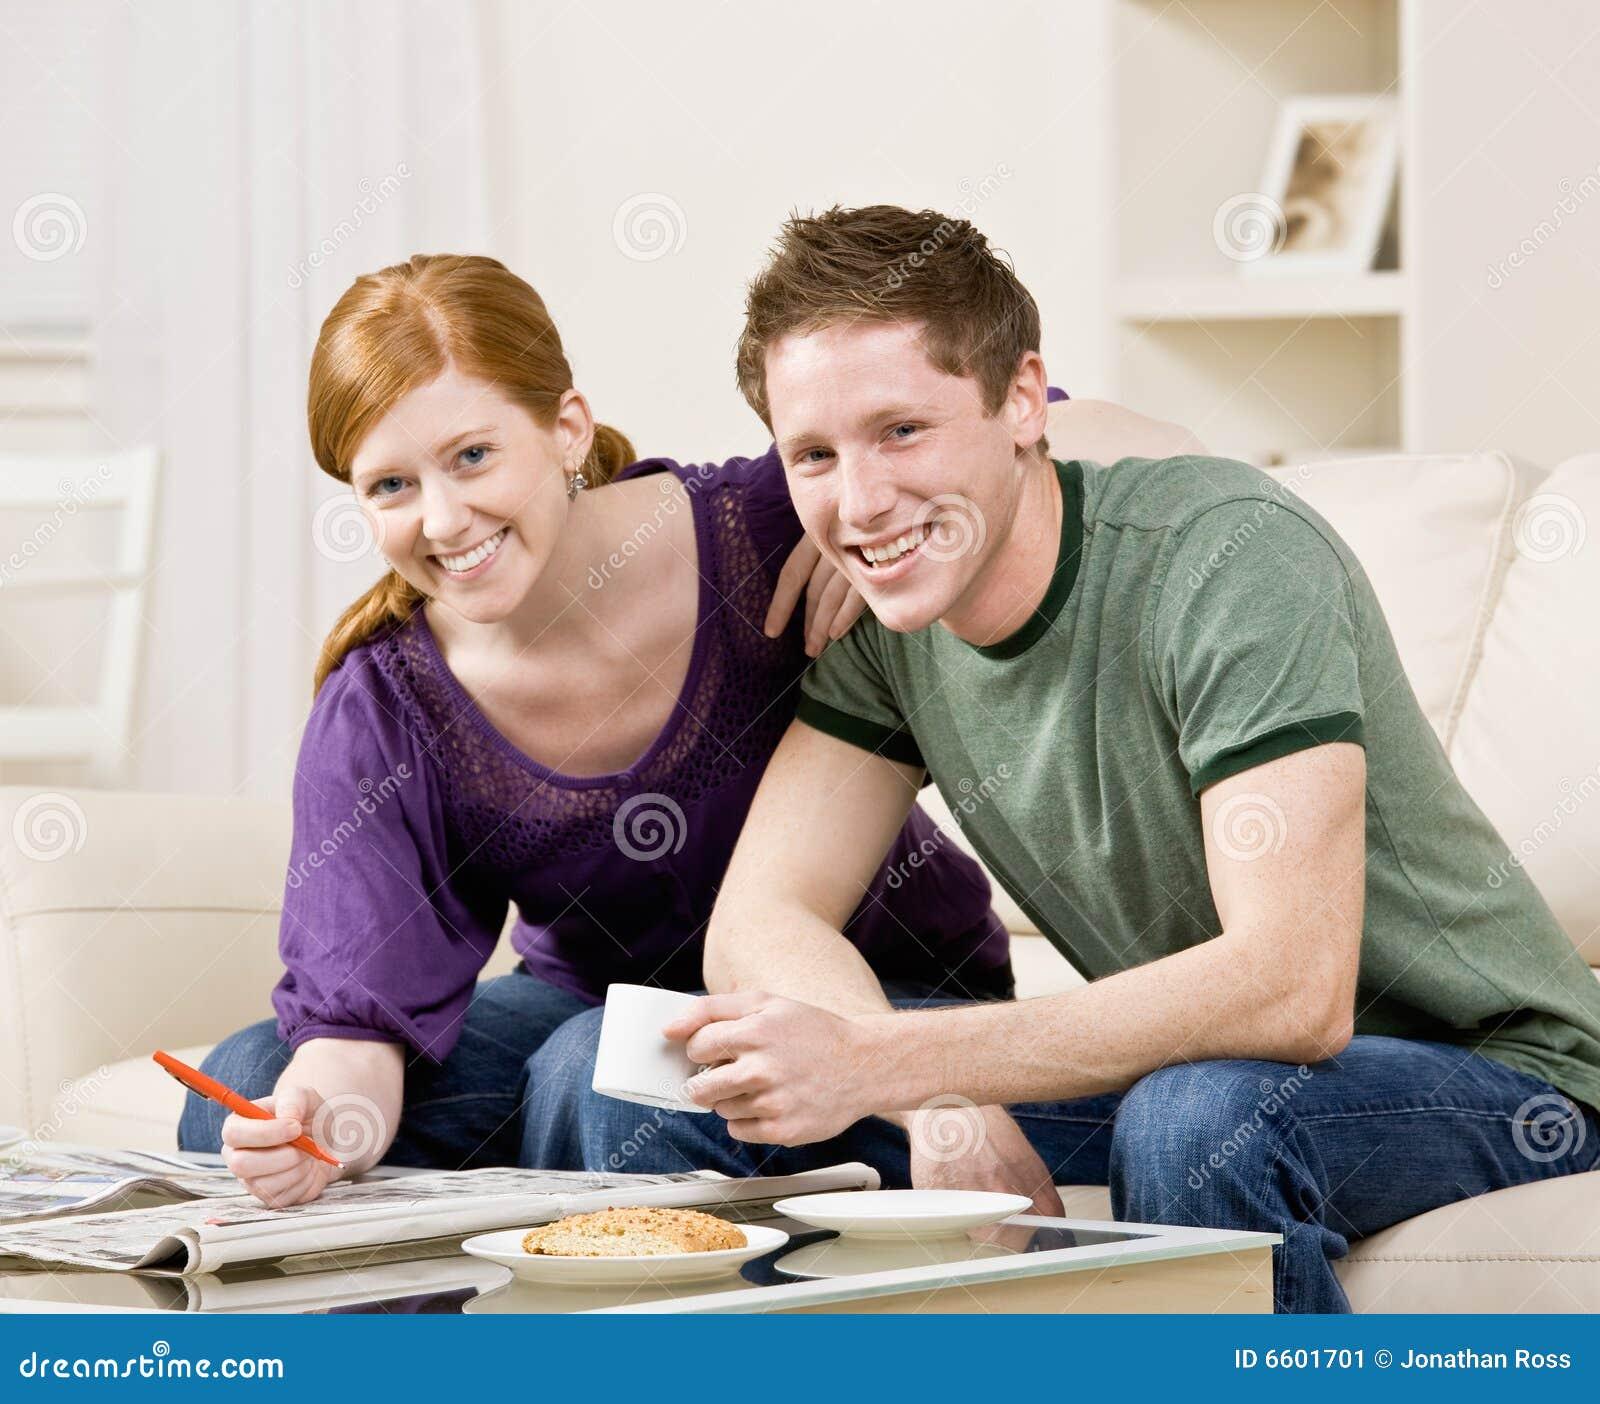 Couple seeks girlfriend